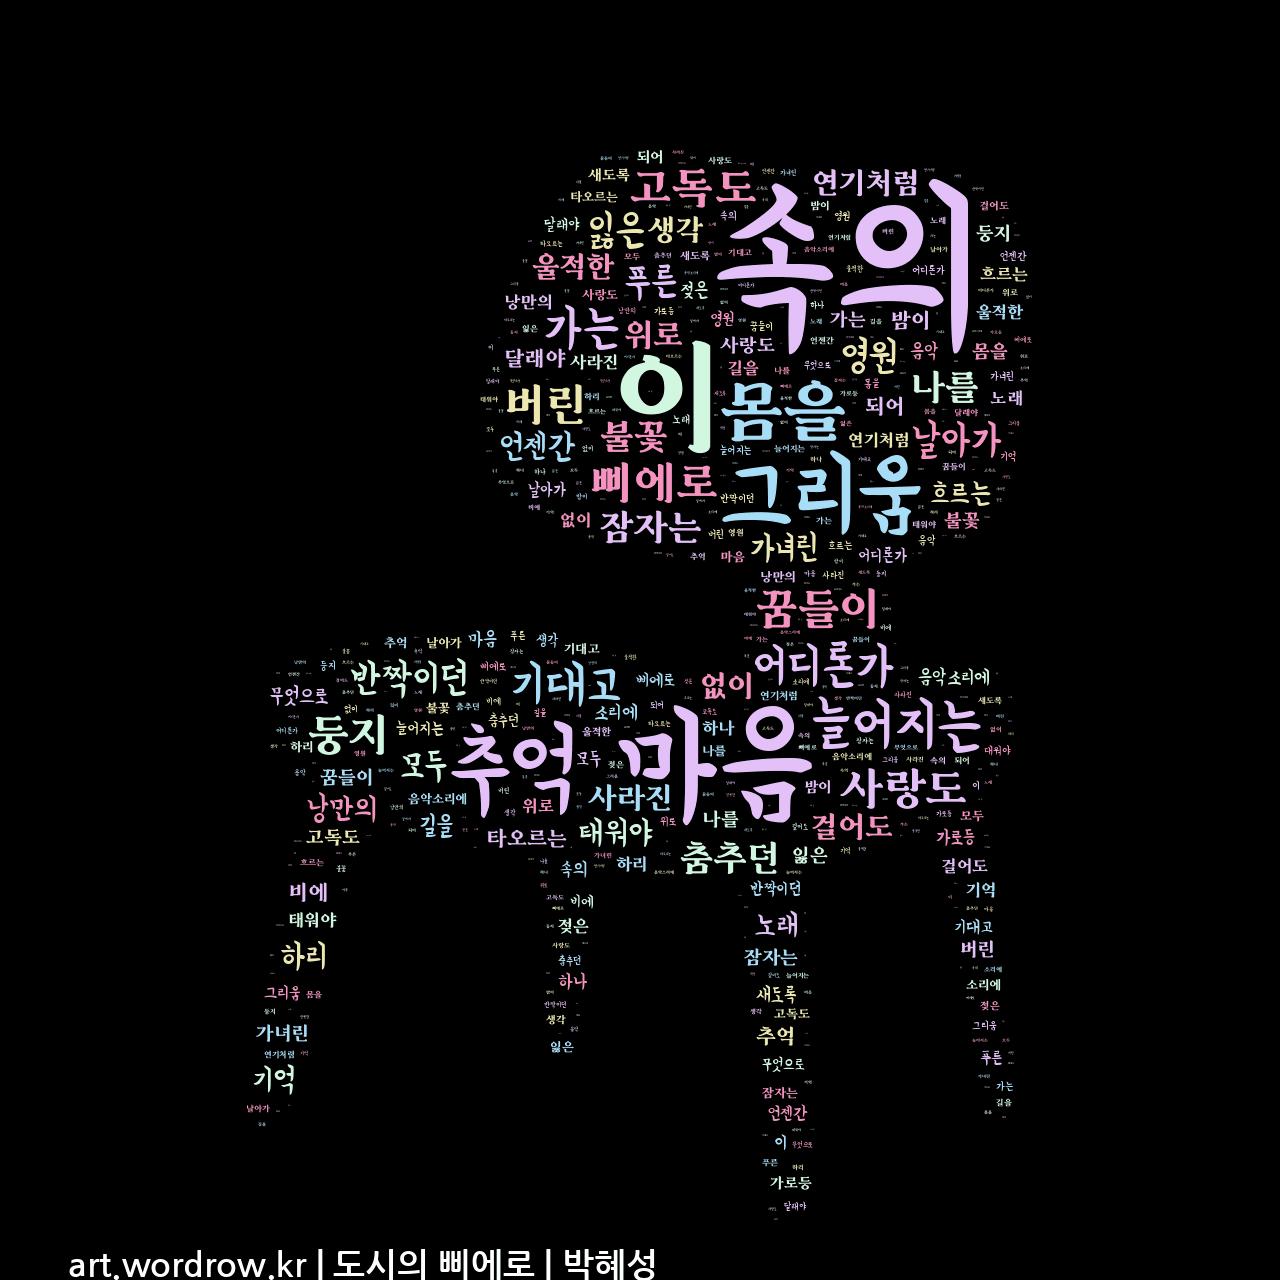 워드 아트: 도시의 삐에로 [박혜성]-9